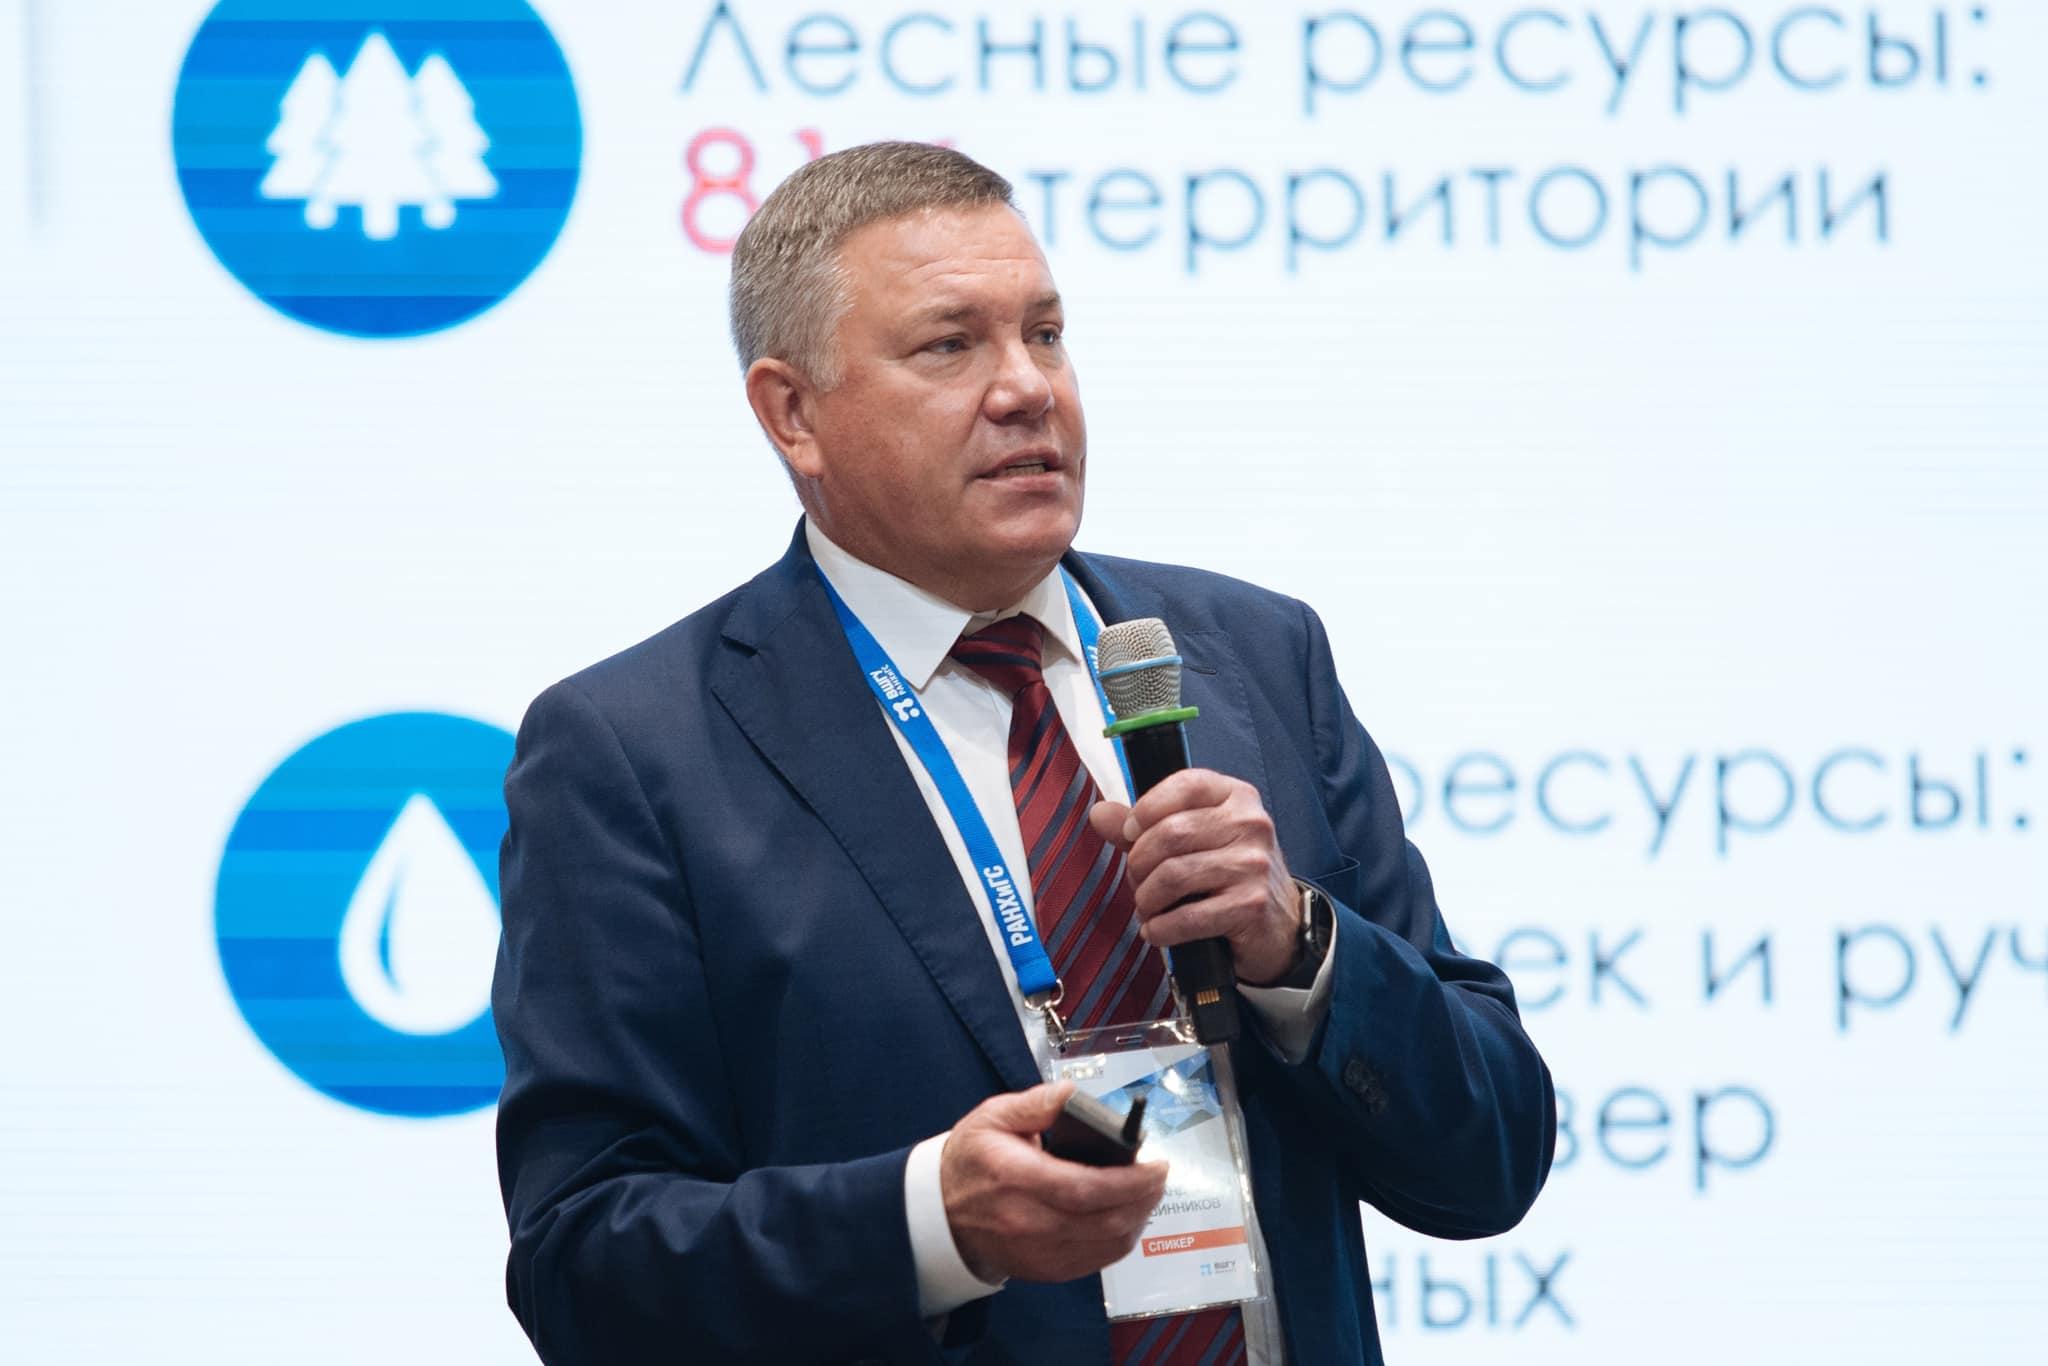 Участники поблагодарили Олега Кувшинникова за ценную информацию